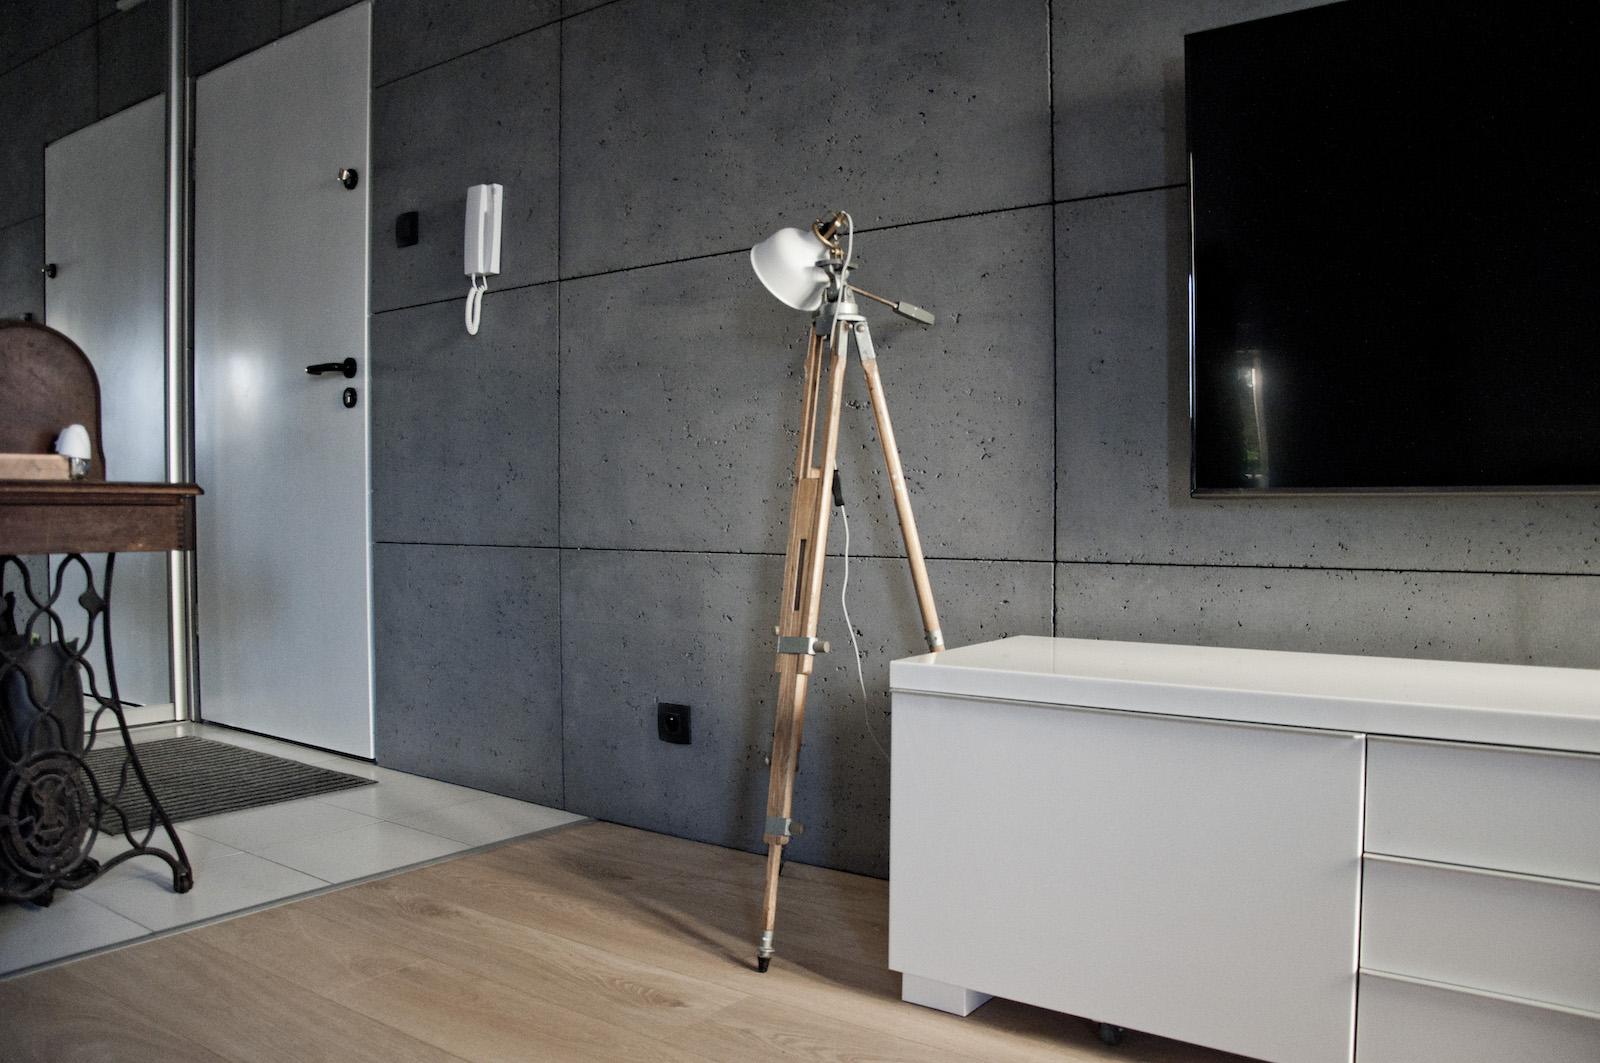 Nowo beton architektoniczny concraft art ceramika - Beton architektoniczny ...